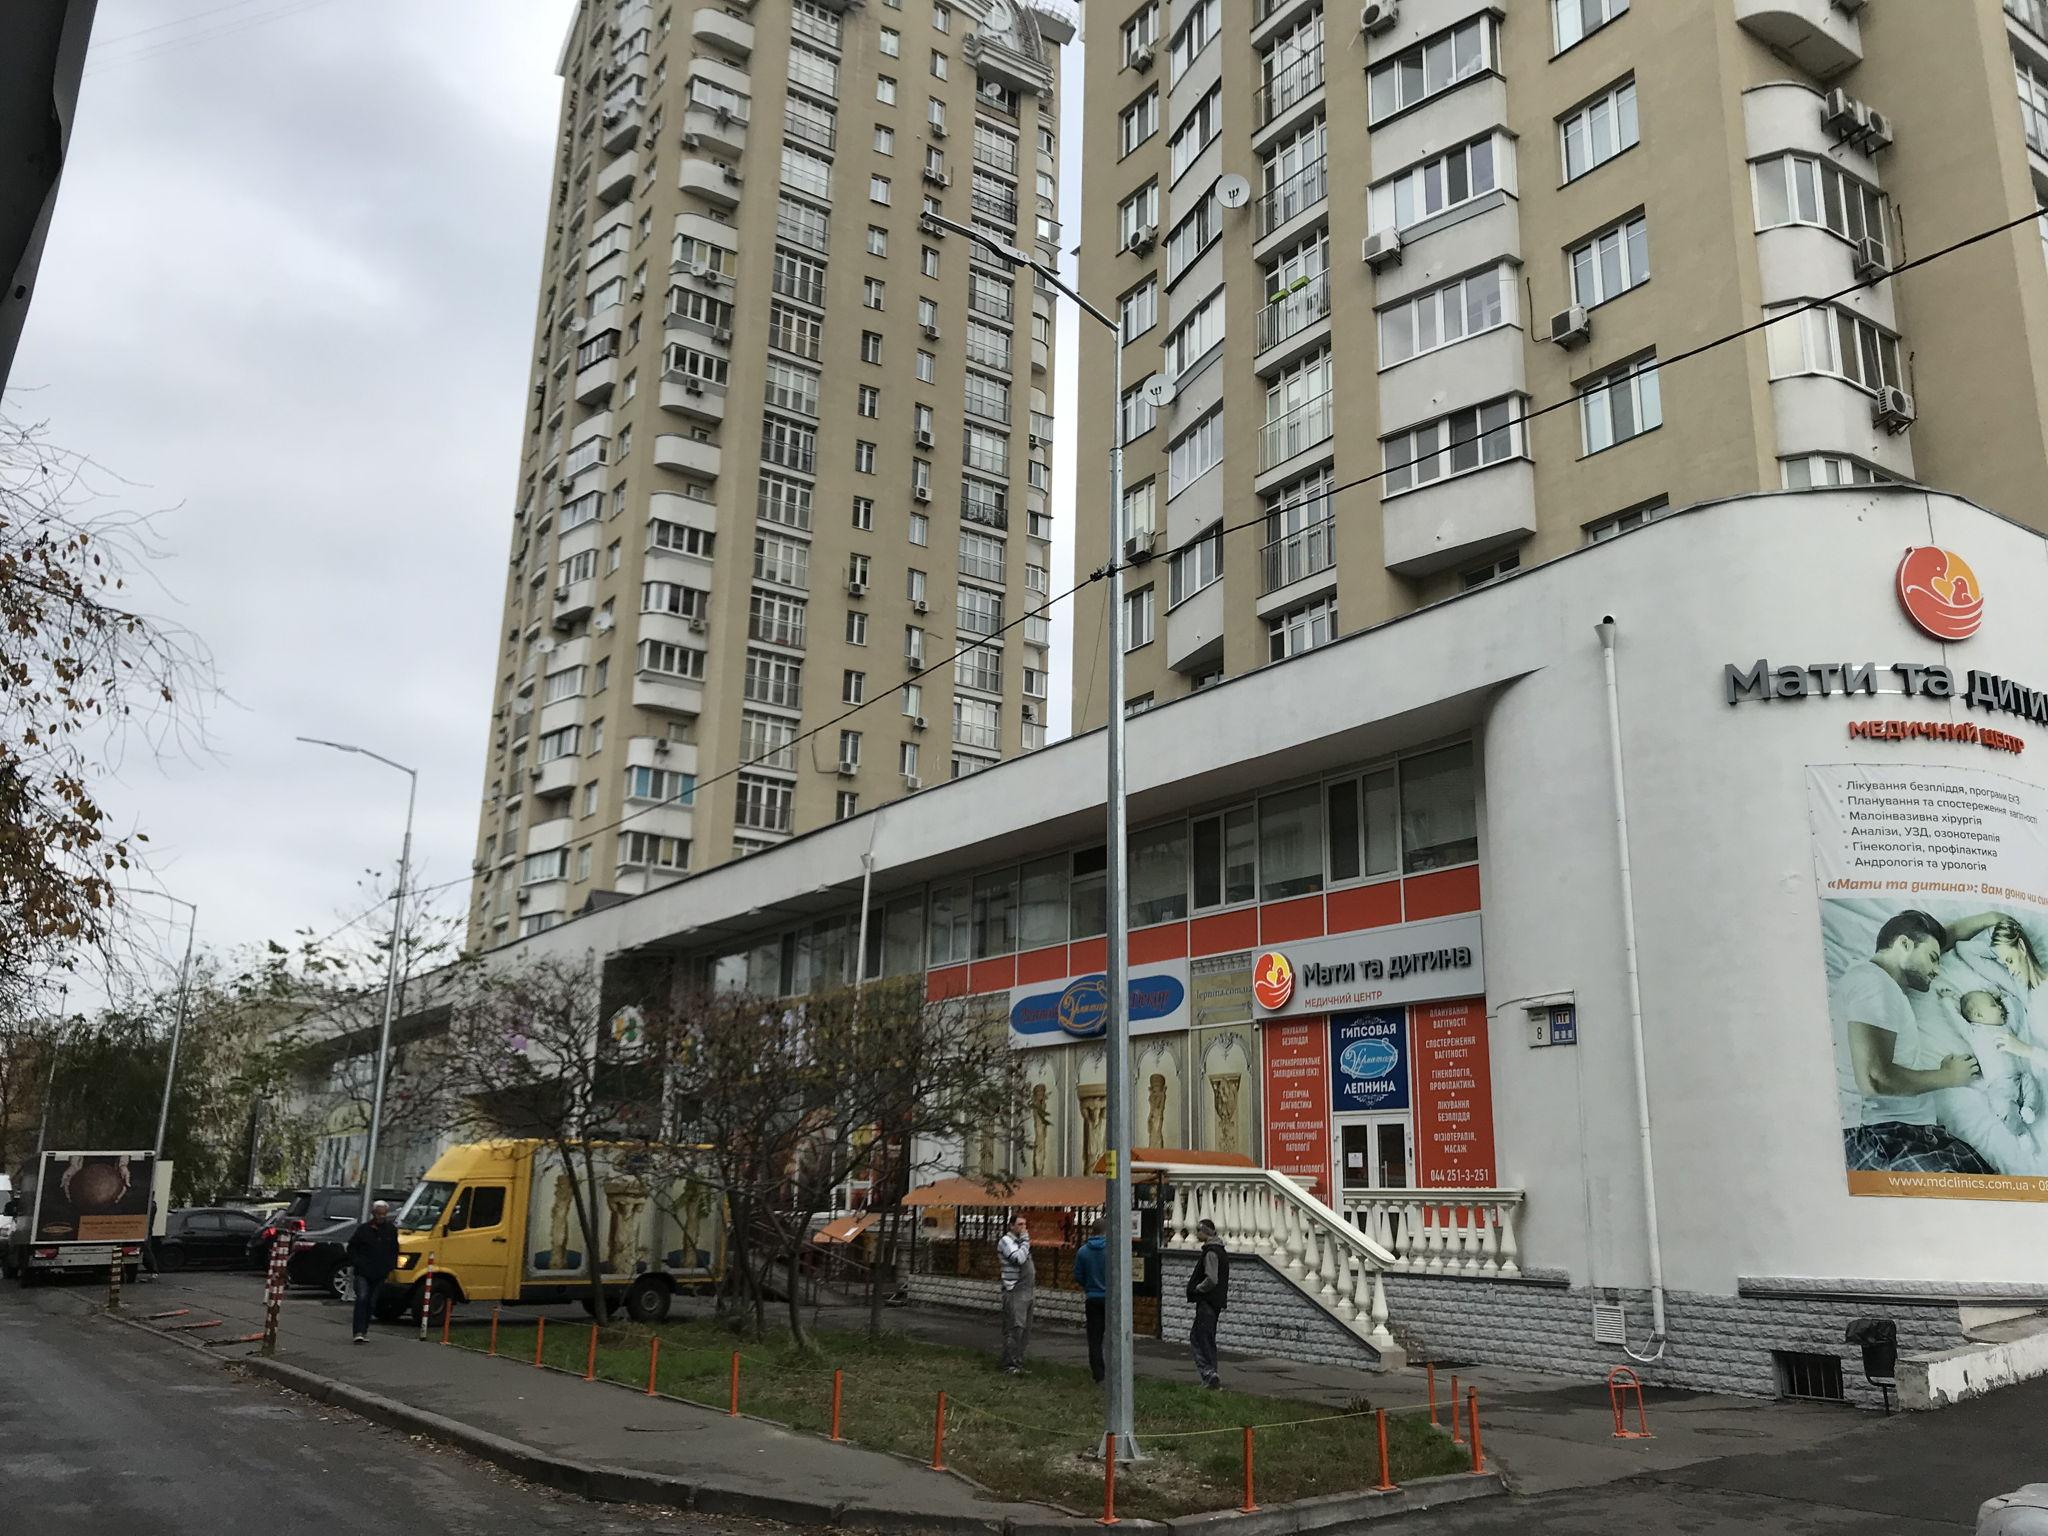 Нежилое помещение, W-5874899, Макеевская, 8, Киев - Фото 1